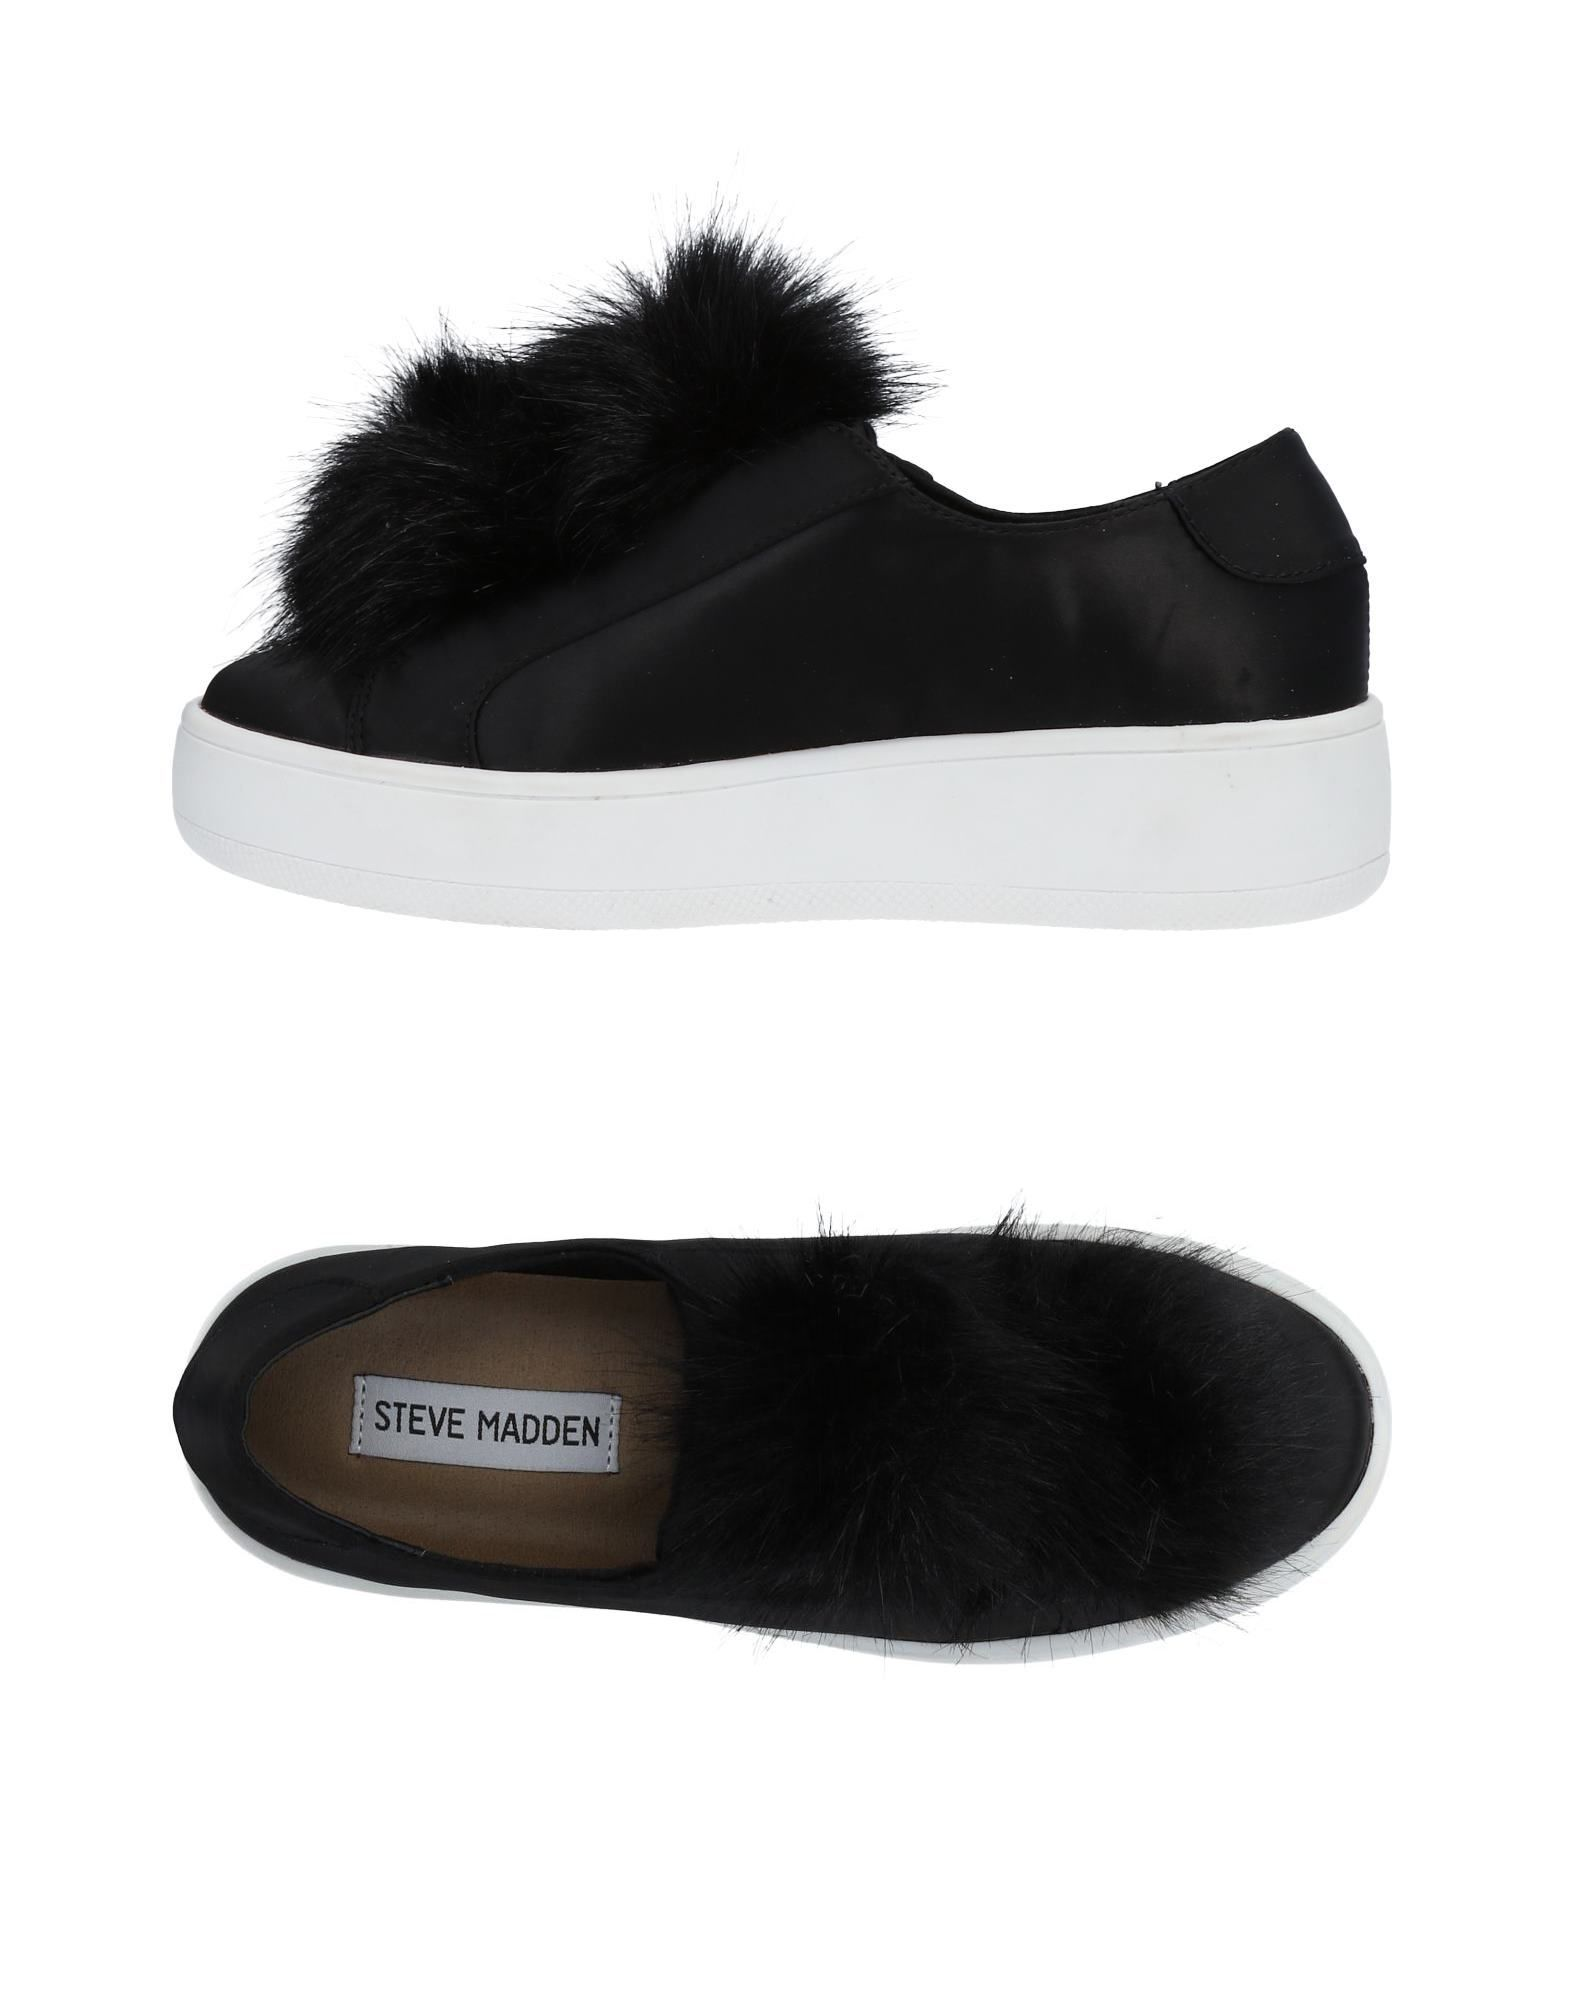 Steve Madden Sneakers Damen  11482378LQ Gute Schuhe Qualität beliebte Schuhe Gute e9208b